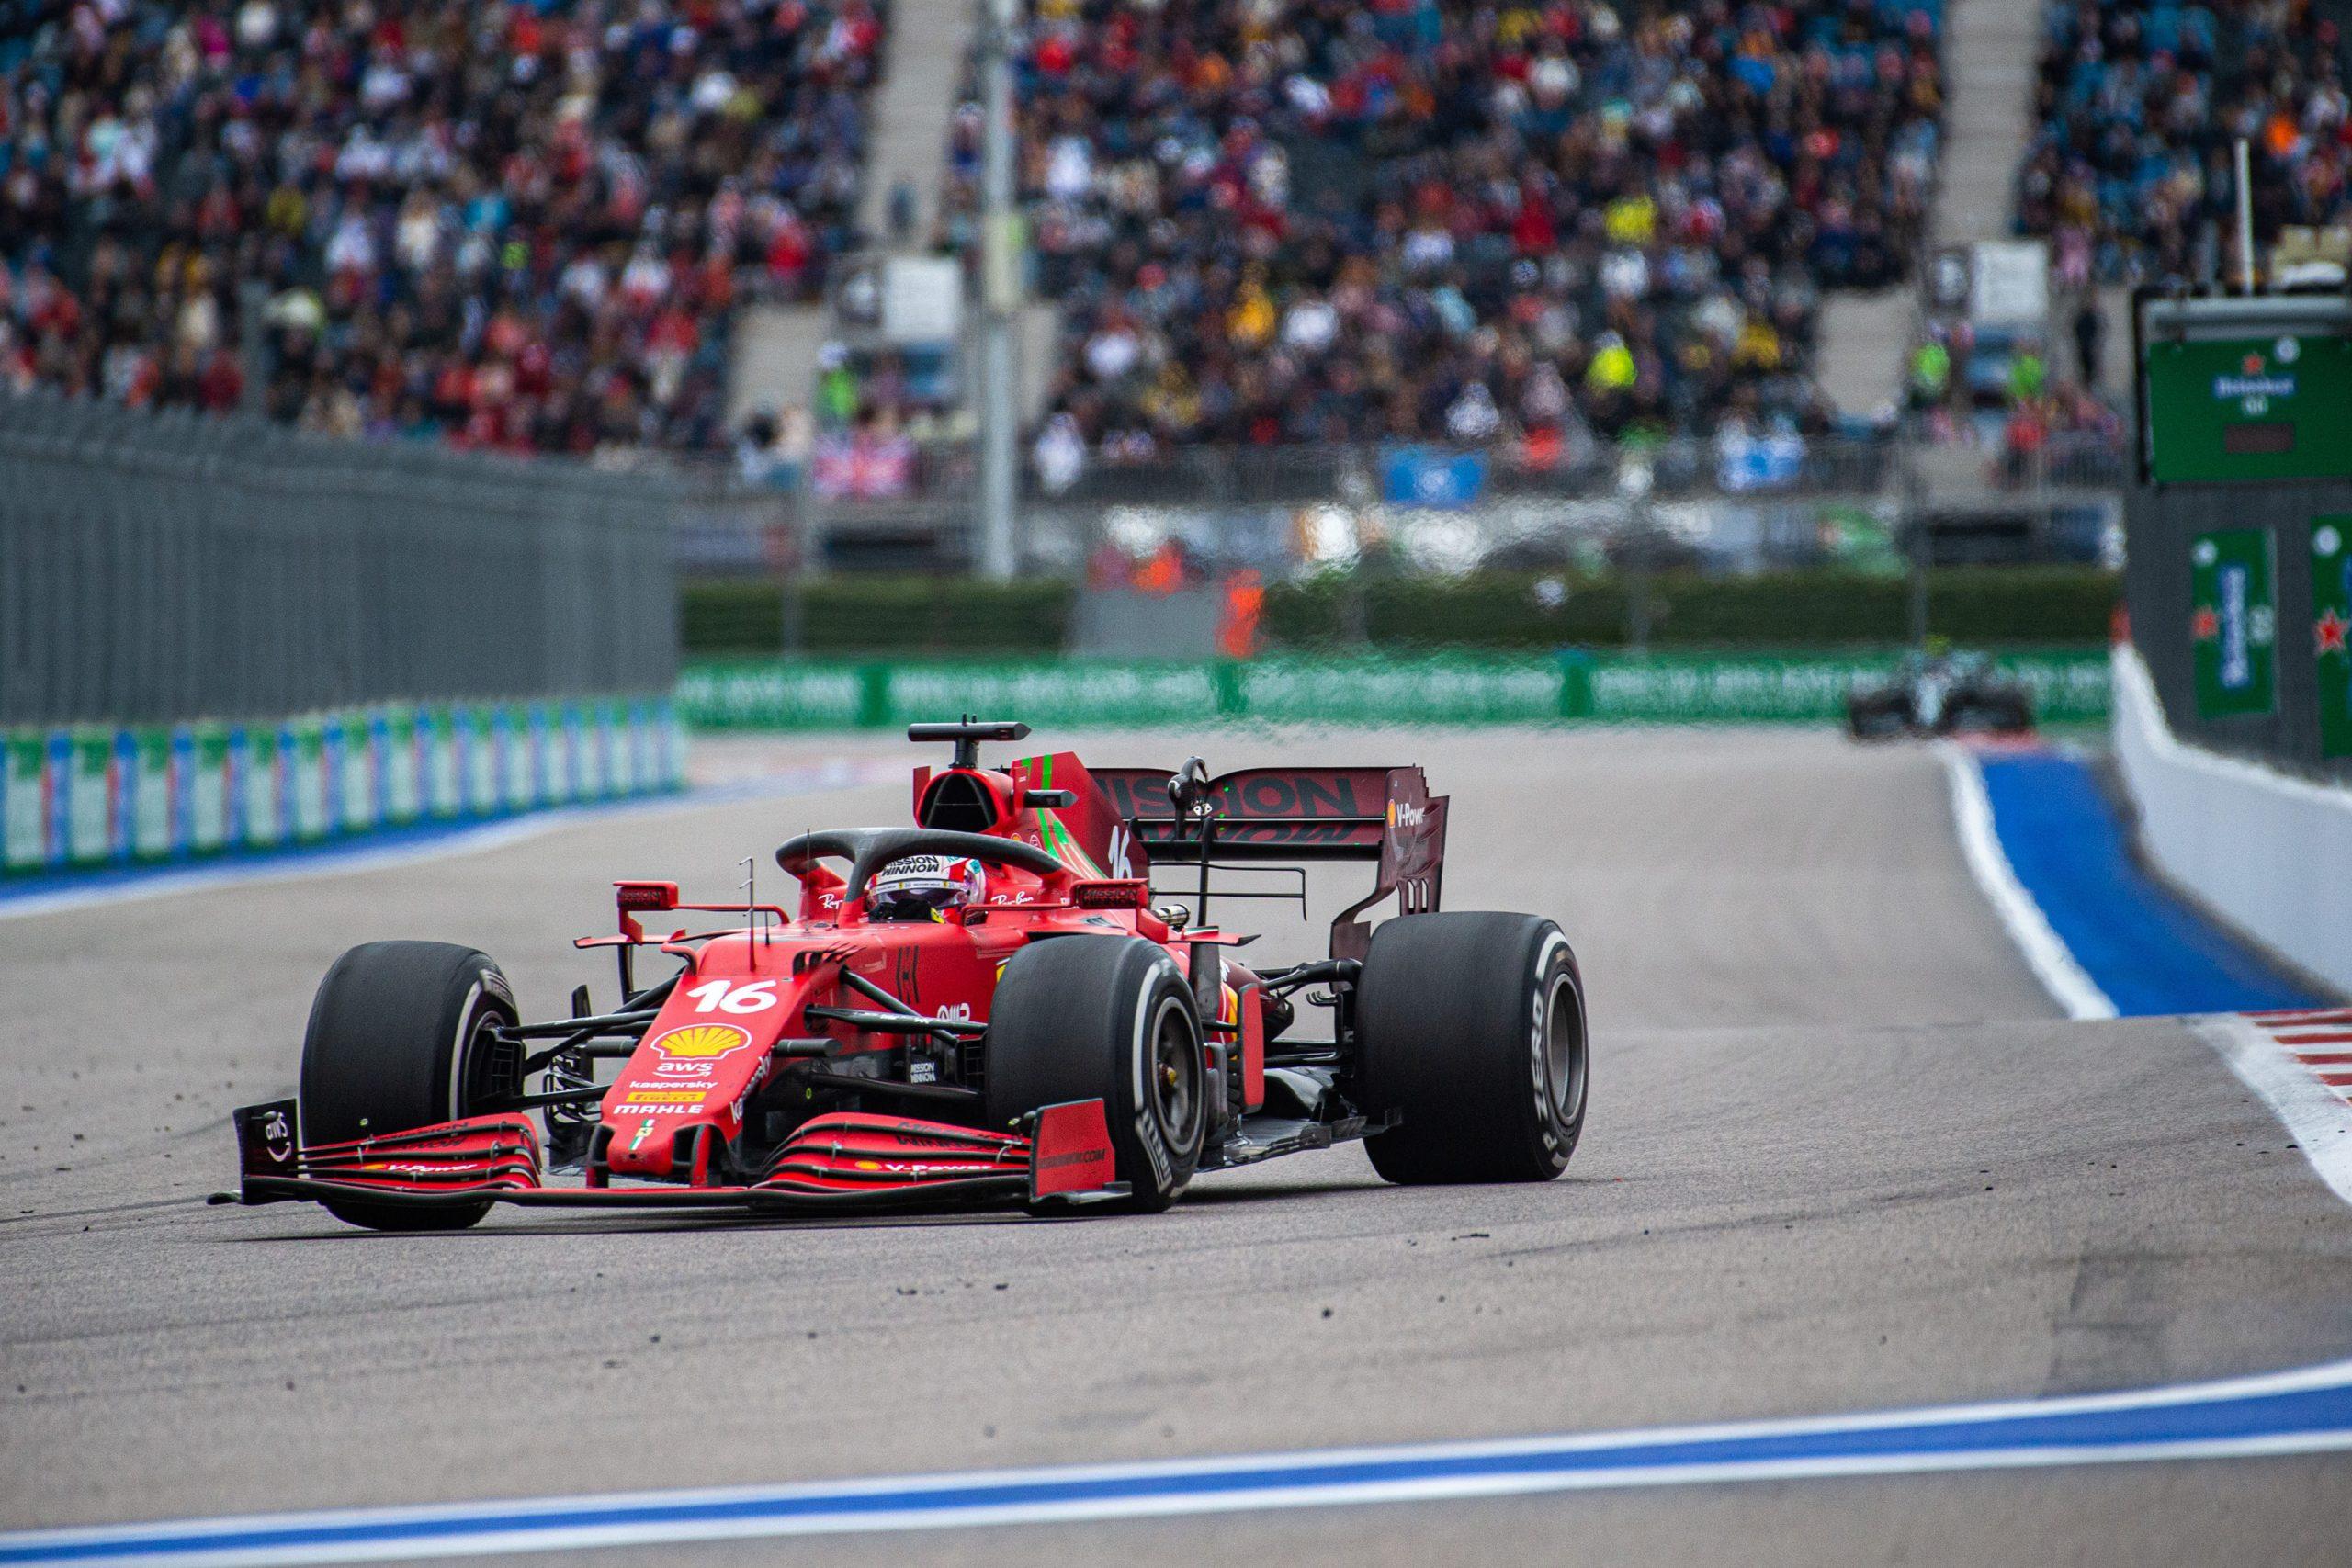 Gp Russia, Leclerc spiega perché non si è fermato subito per montare le gomme da bagnato.